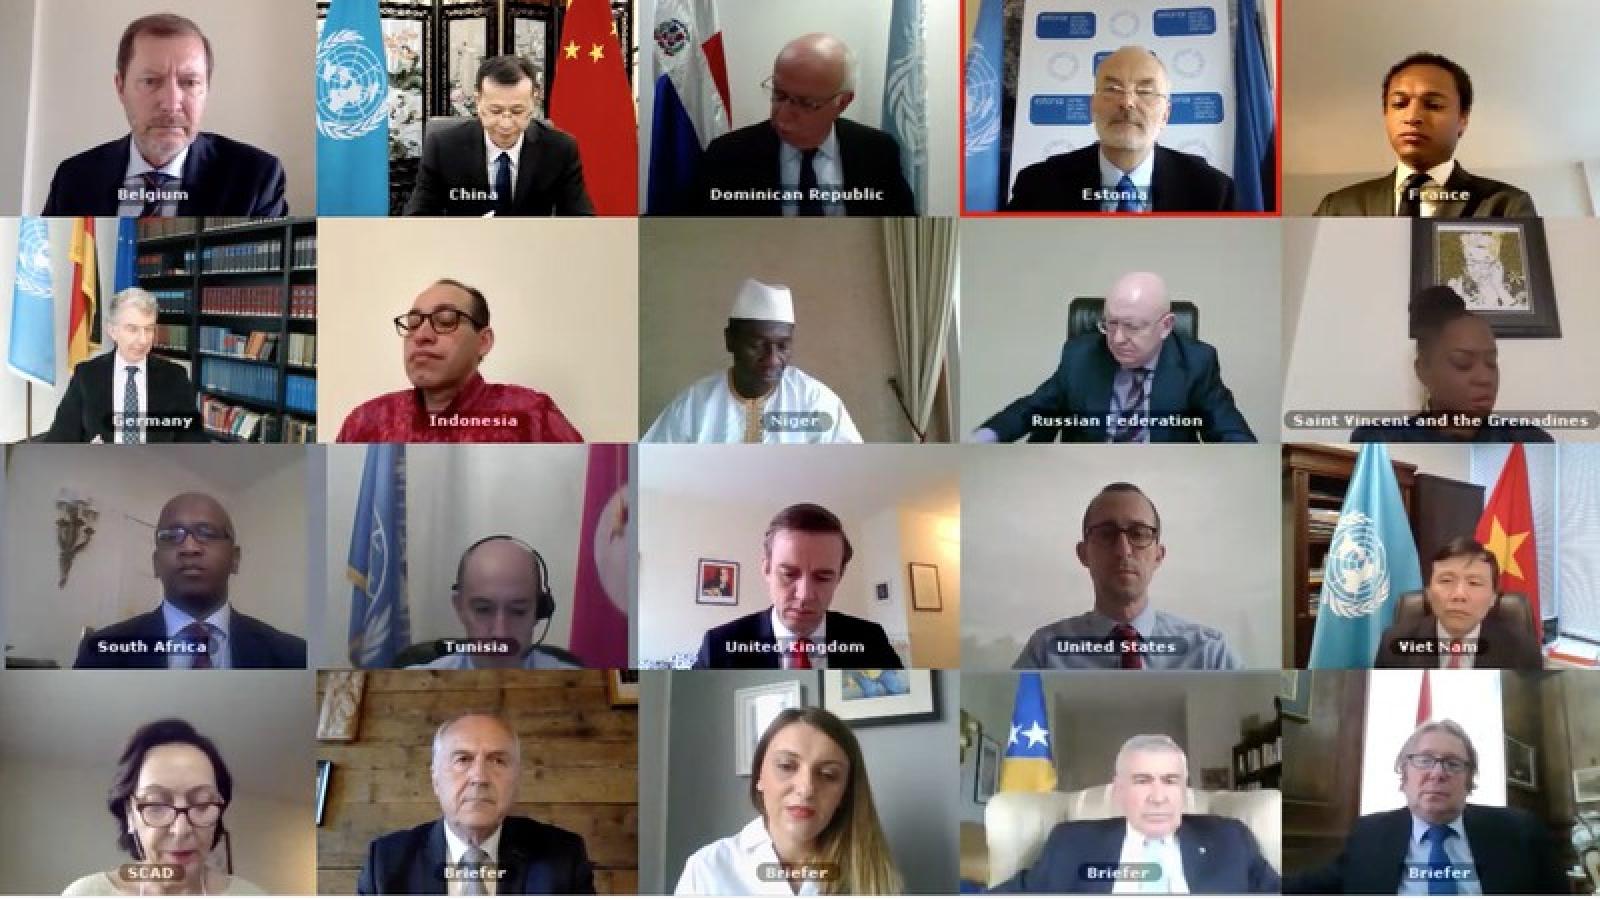 Hội đồng Bảo an LHQ thảo luận về tình hình Bosnia và Herzegovina